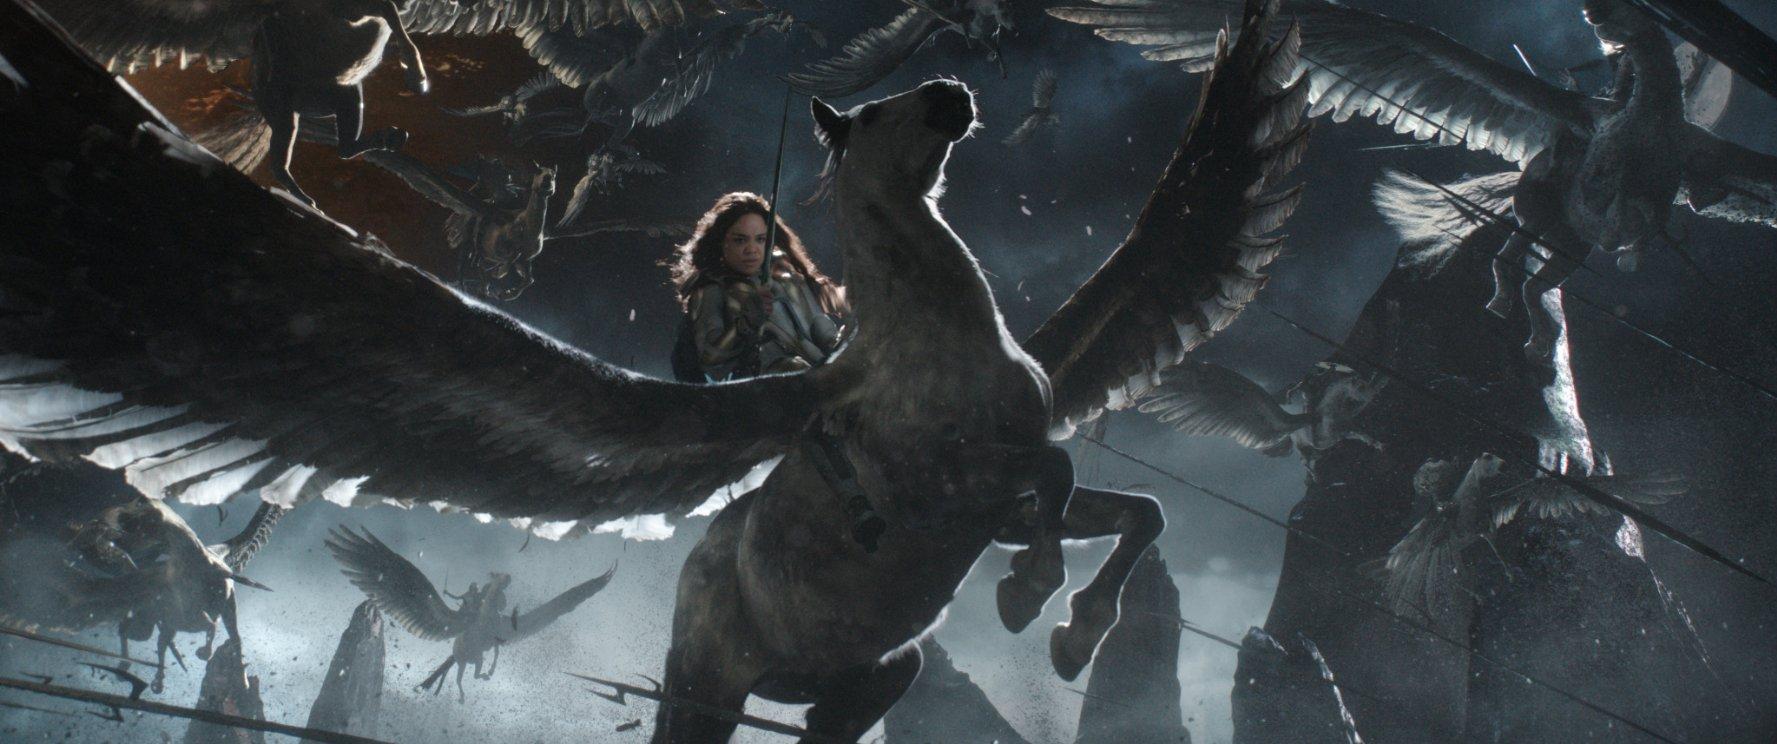 Thor: Ragnarok - Hài hước, hấp dẫn từng phút từng giây - Ảnh 5.